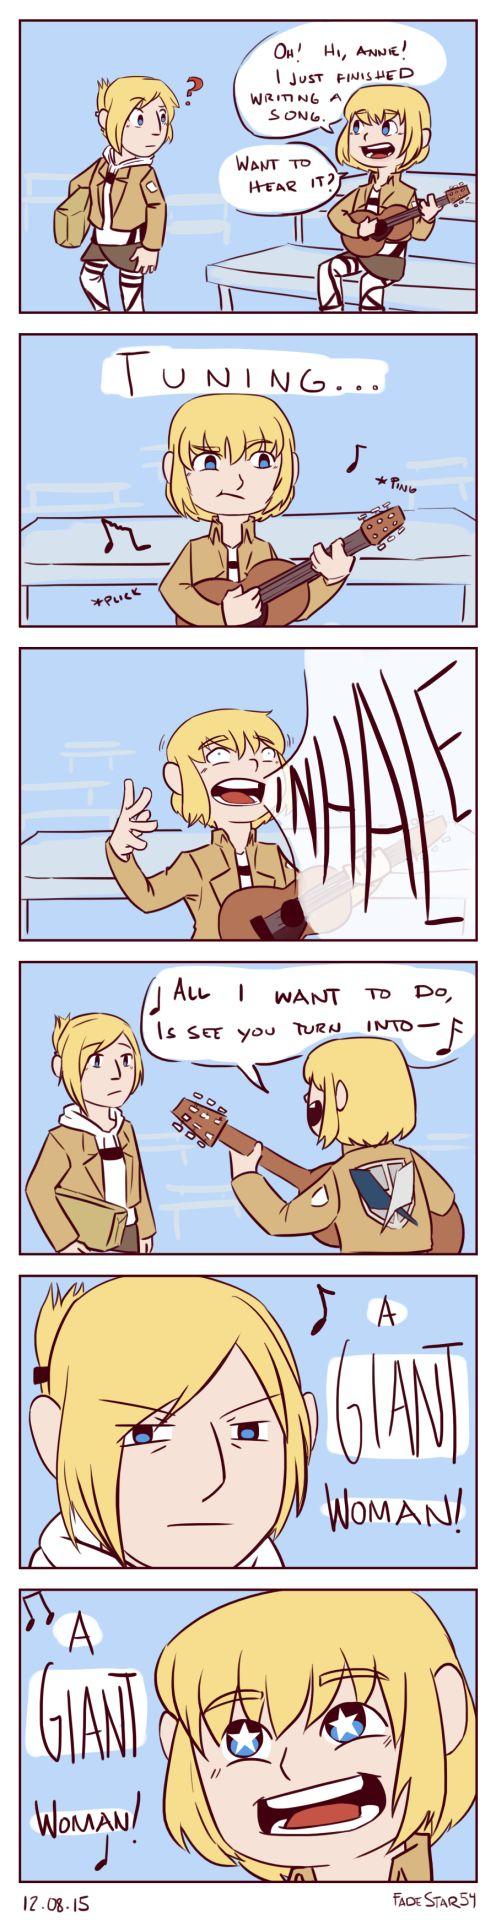 Traducción: ''¡Oh! ¡Hola, Annie! Acabo de terminar de escribir una canción. ¿Quieres oirla? *Sintonizando* *Inhala...* Todo lo que quiero hacer, es verte transformarte en UNA MUJER GIGANTE. EN UNA MUJER GIGANTE'' ... Jajajajajaja, no jodas. xD Te pasas, Armin